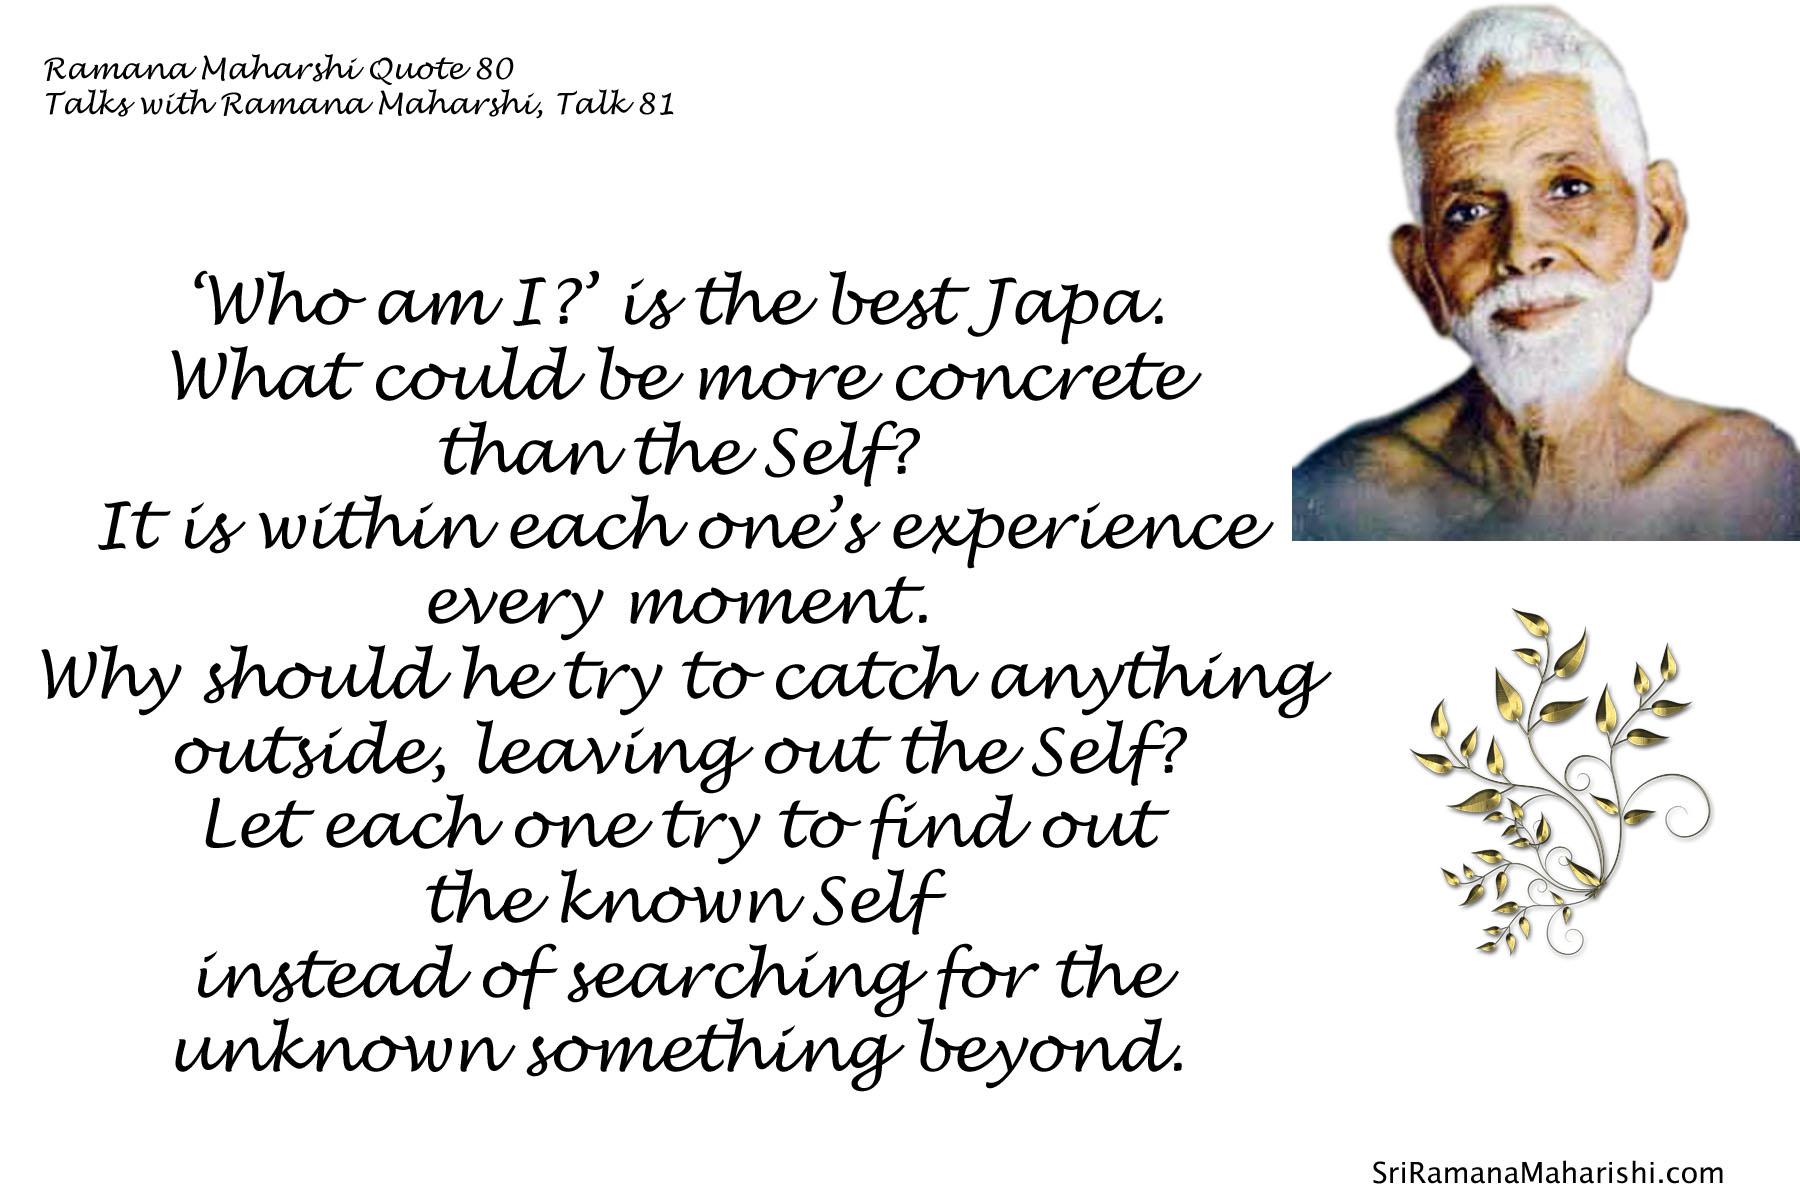 Ramana Maharshi Quote 80